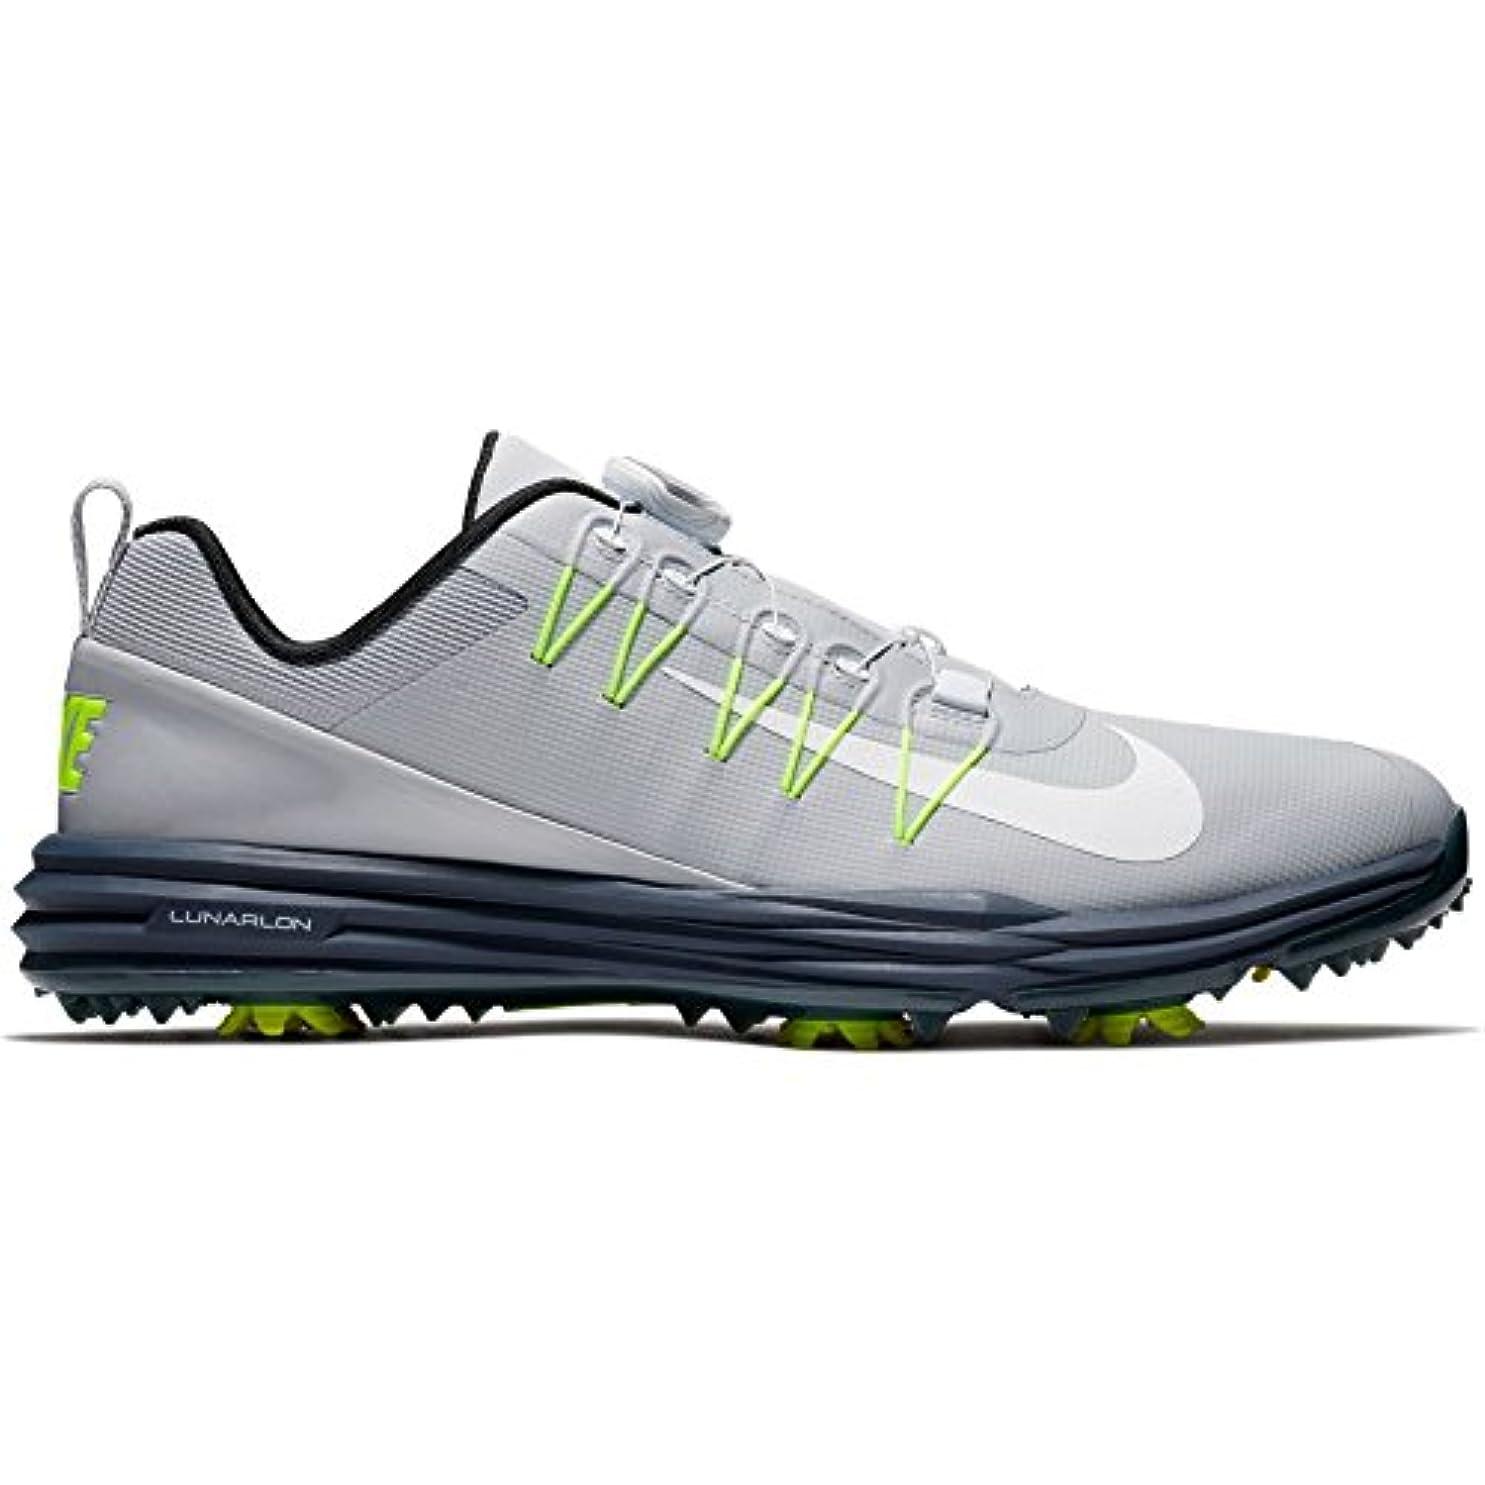 ロードブロッキングバスモディッシュNike Lunar Command 2 Boa Mens Golf Shoes 888552 Sneakers Trainers